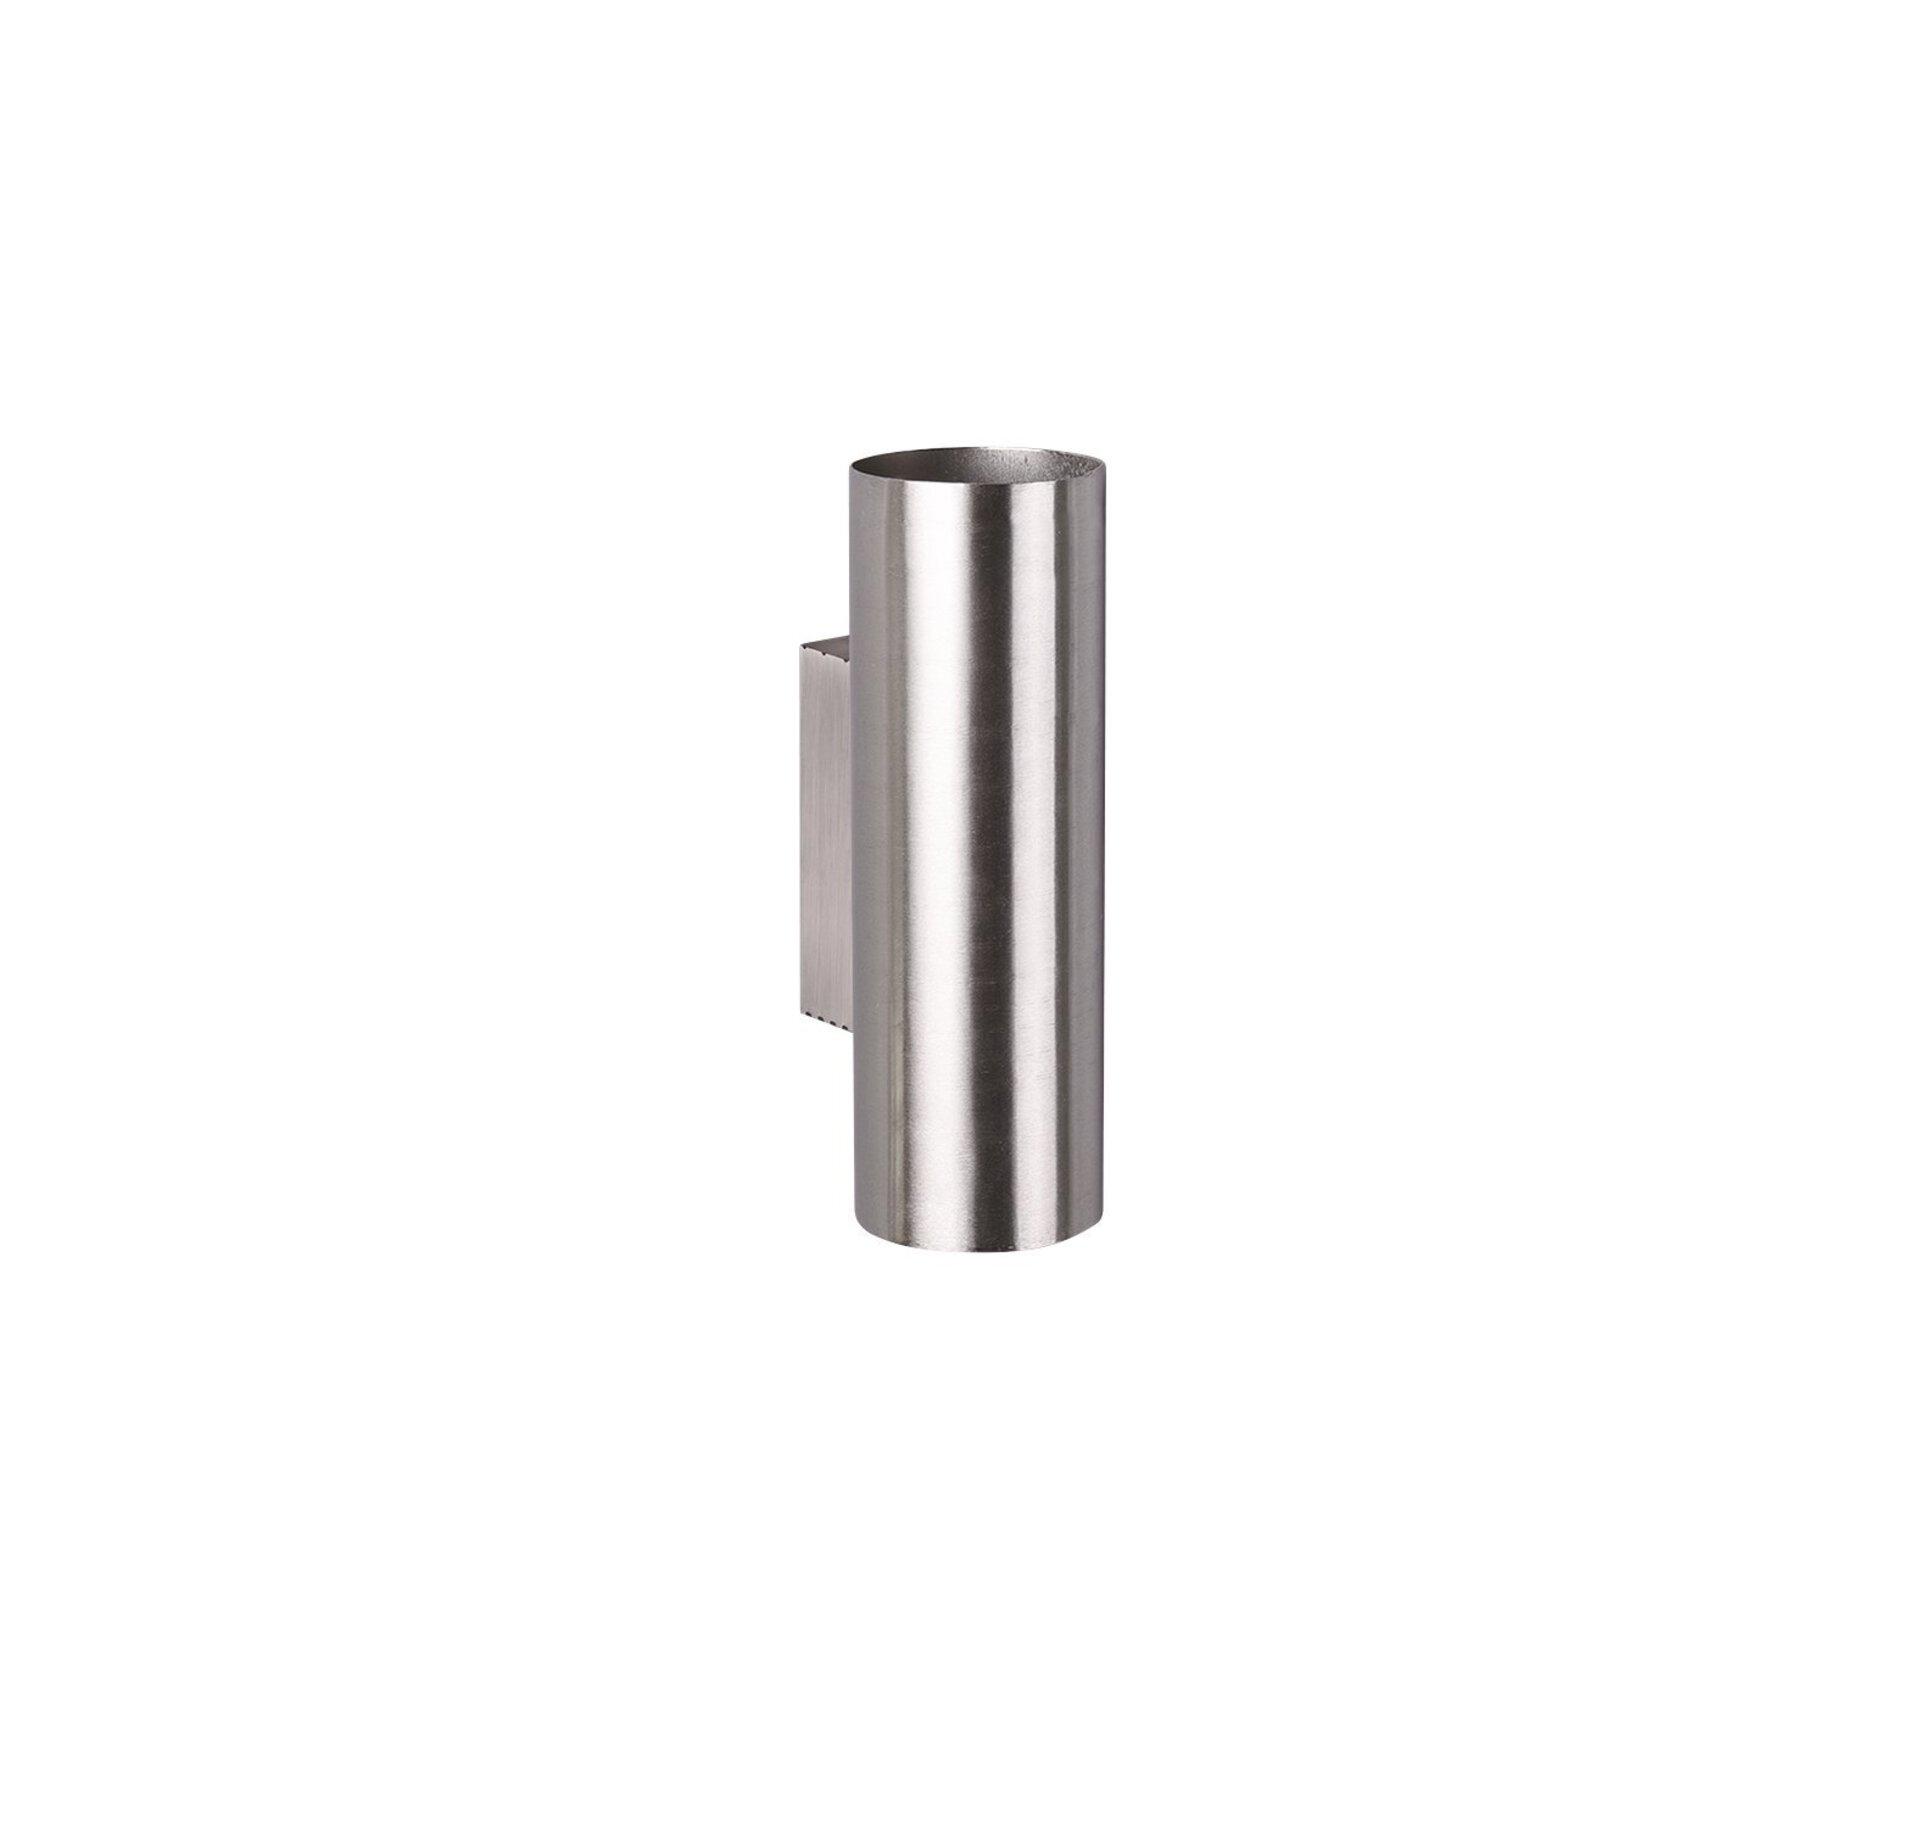 Wandleuchte Marley Trio Leuchten Metall silber 18 x 6 cm